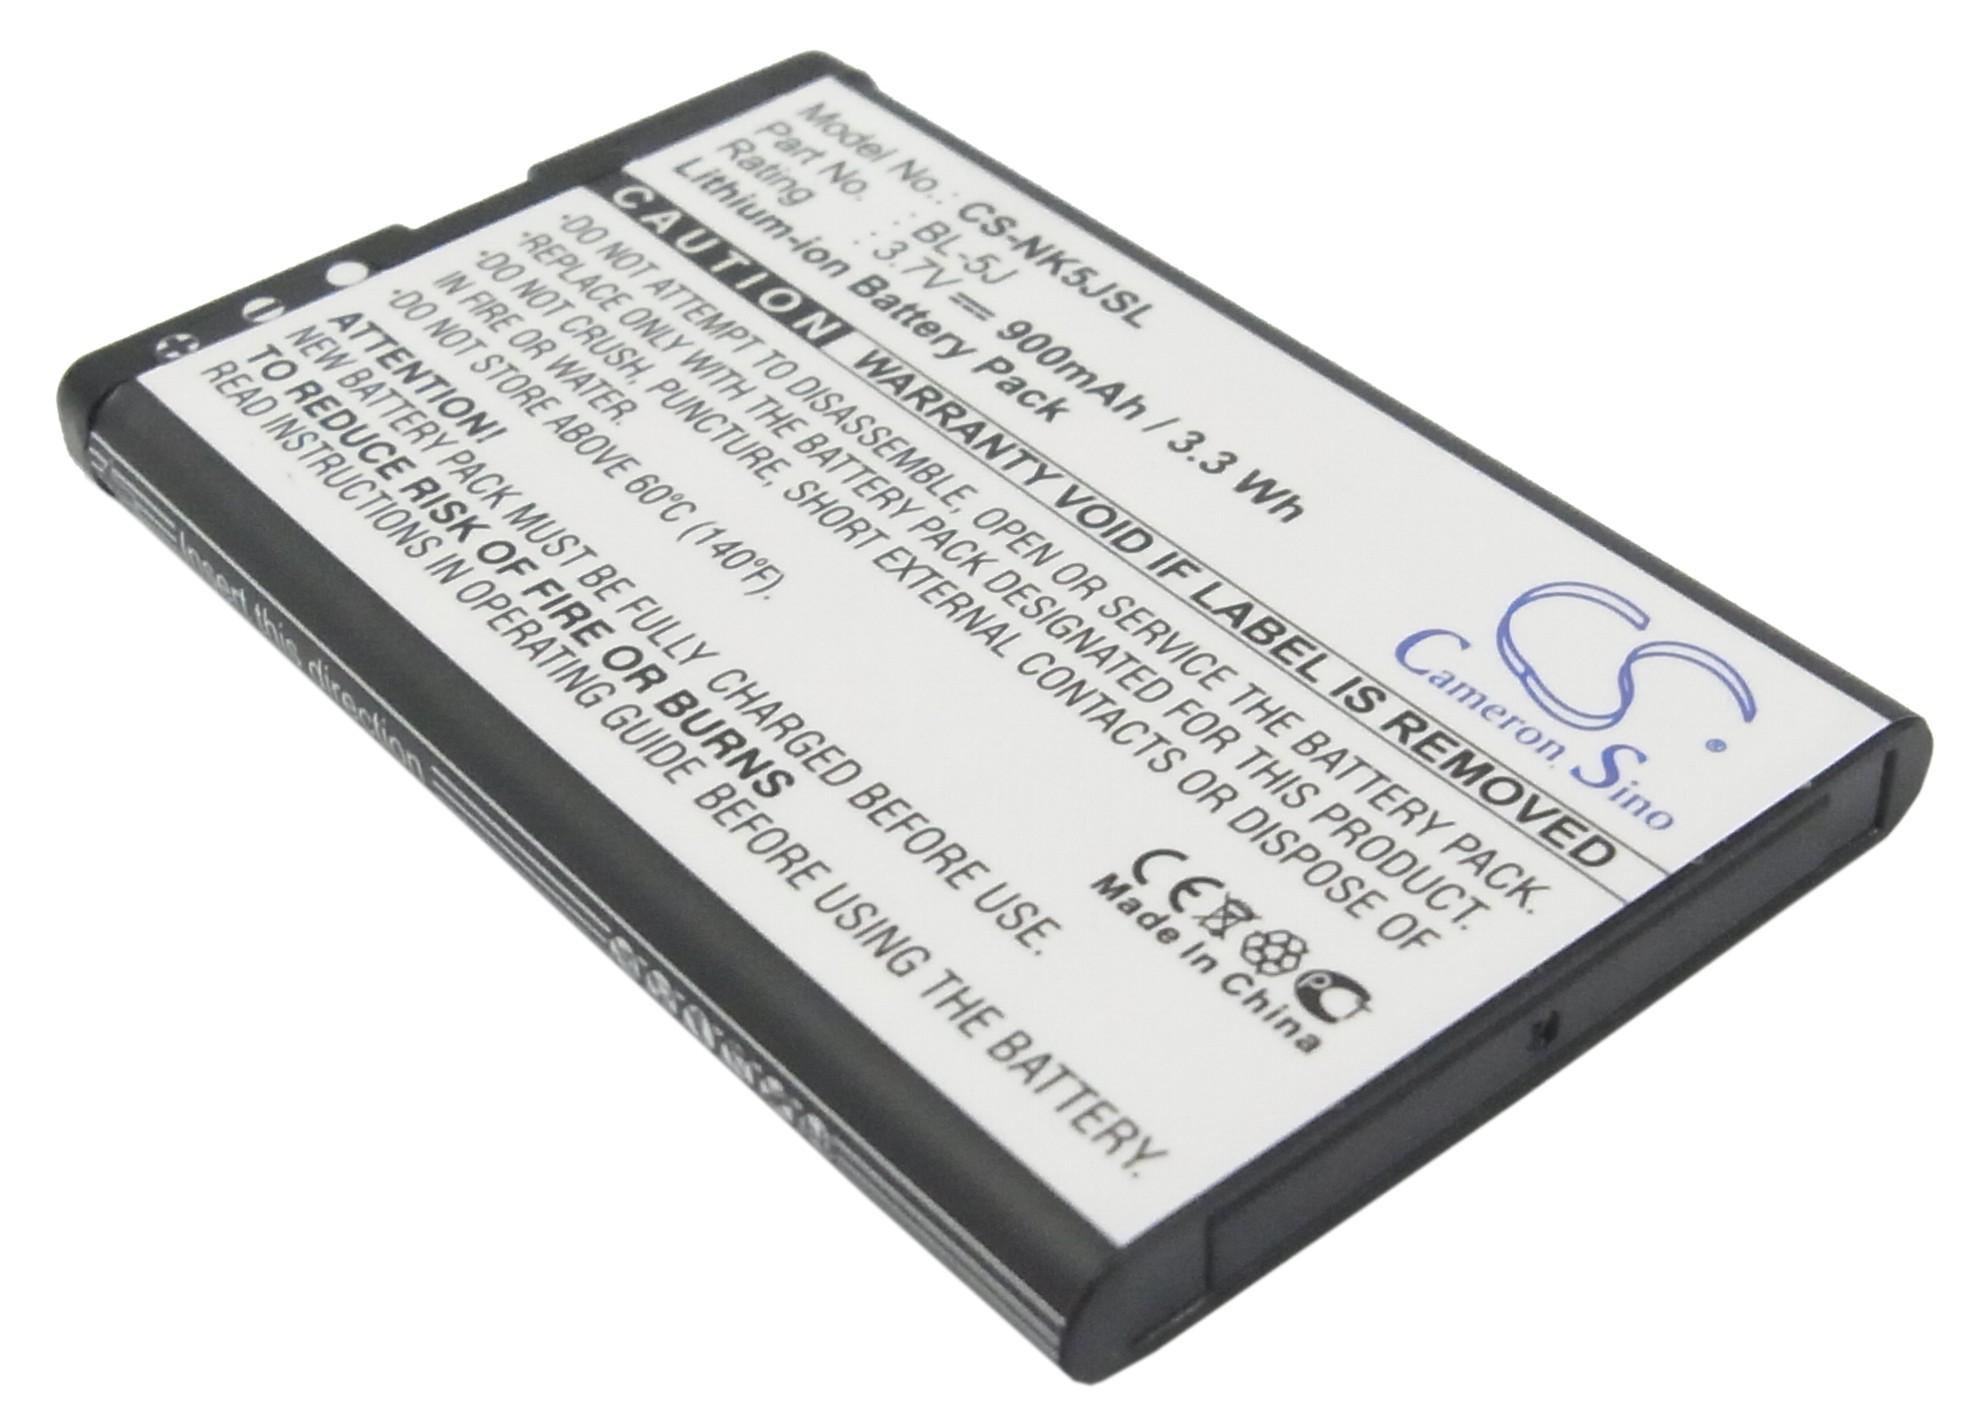 Cameron Sino baterie do mobilů pro NOKIA N900 3.7V Li-ion 900mAh černá - neoriginální